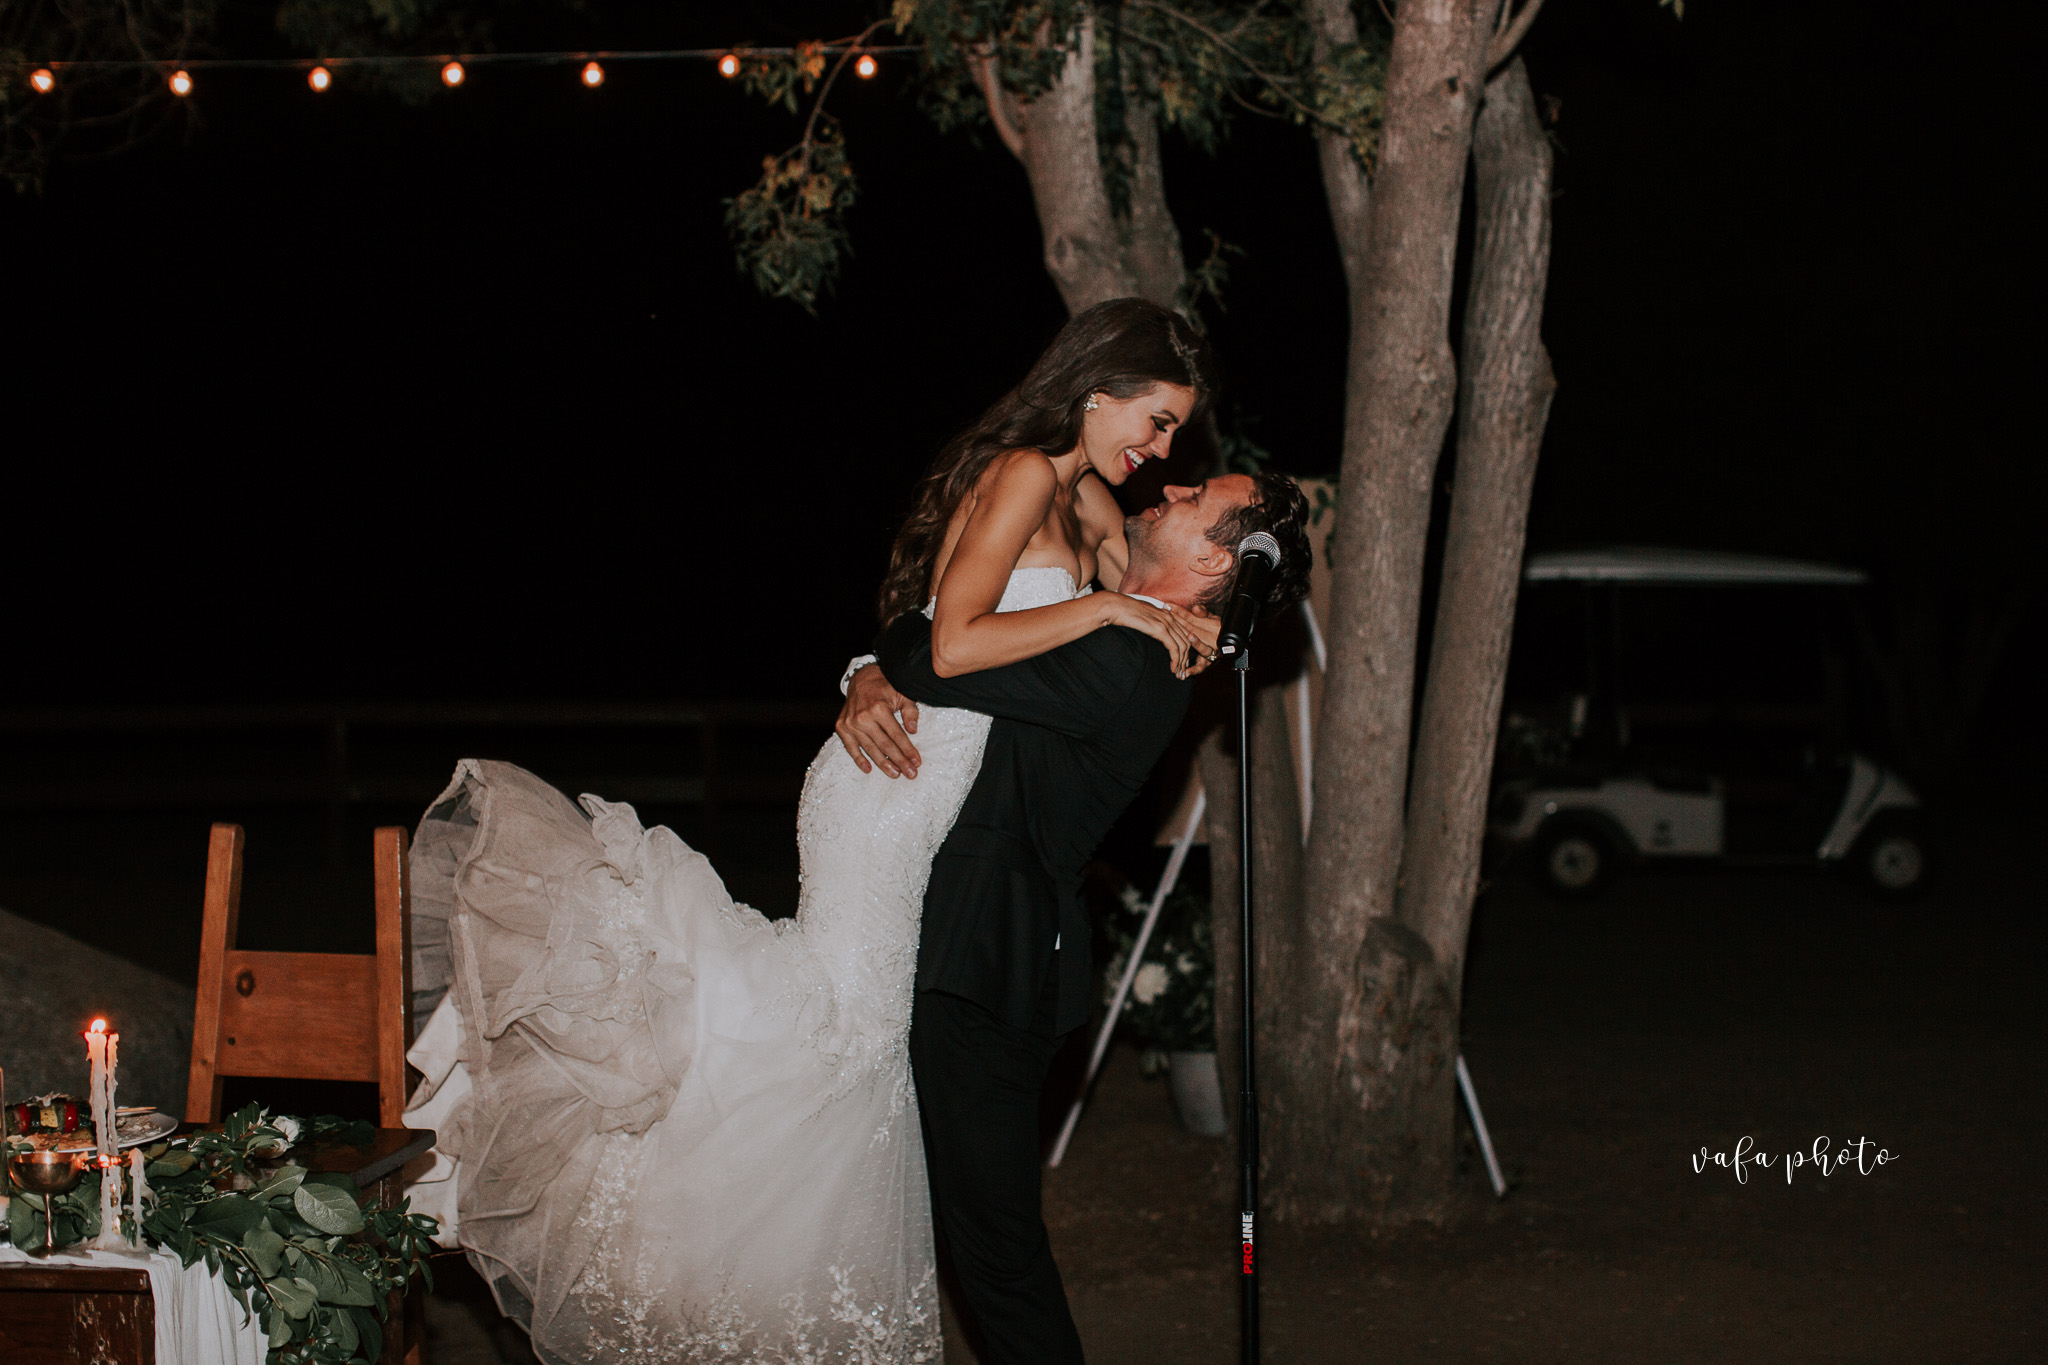 Southern-California-Wedding-Britt-Nilsson-Jeremy-Byrne-Vafa-Photo-972.jpg